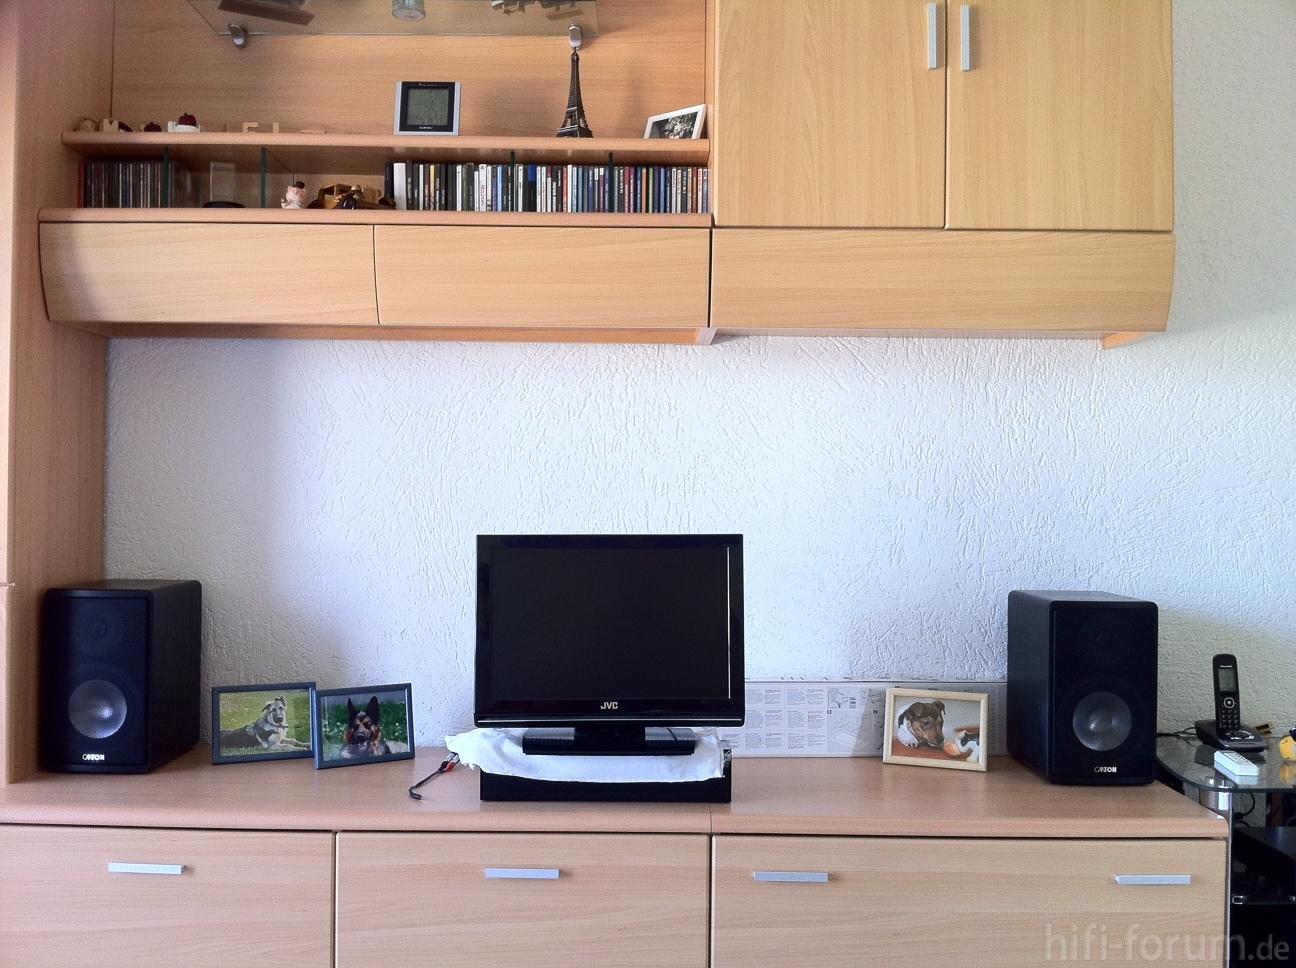 wohnzimmer schrank h he lowboard schrank tv wohnzimmer hifi bildergalerie. Black Bedroom Furniture Sets. Home Design Ideas